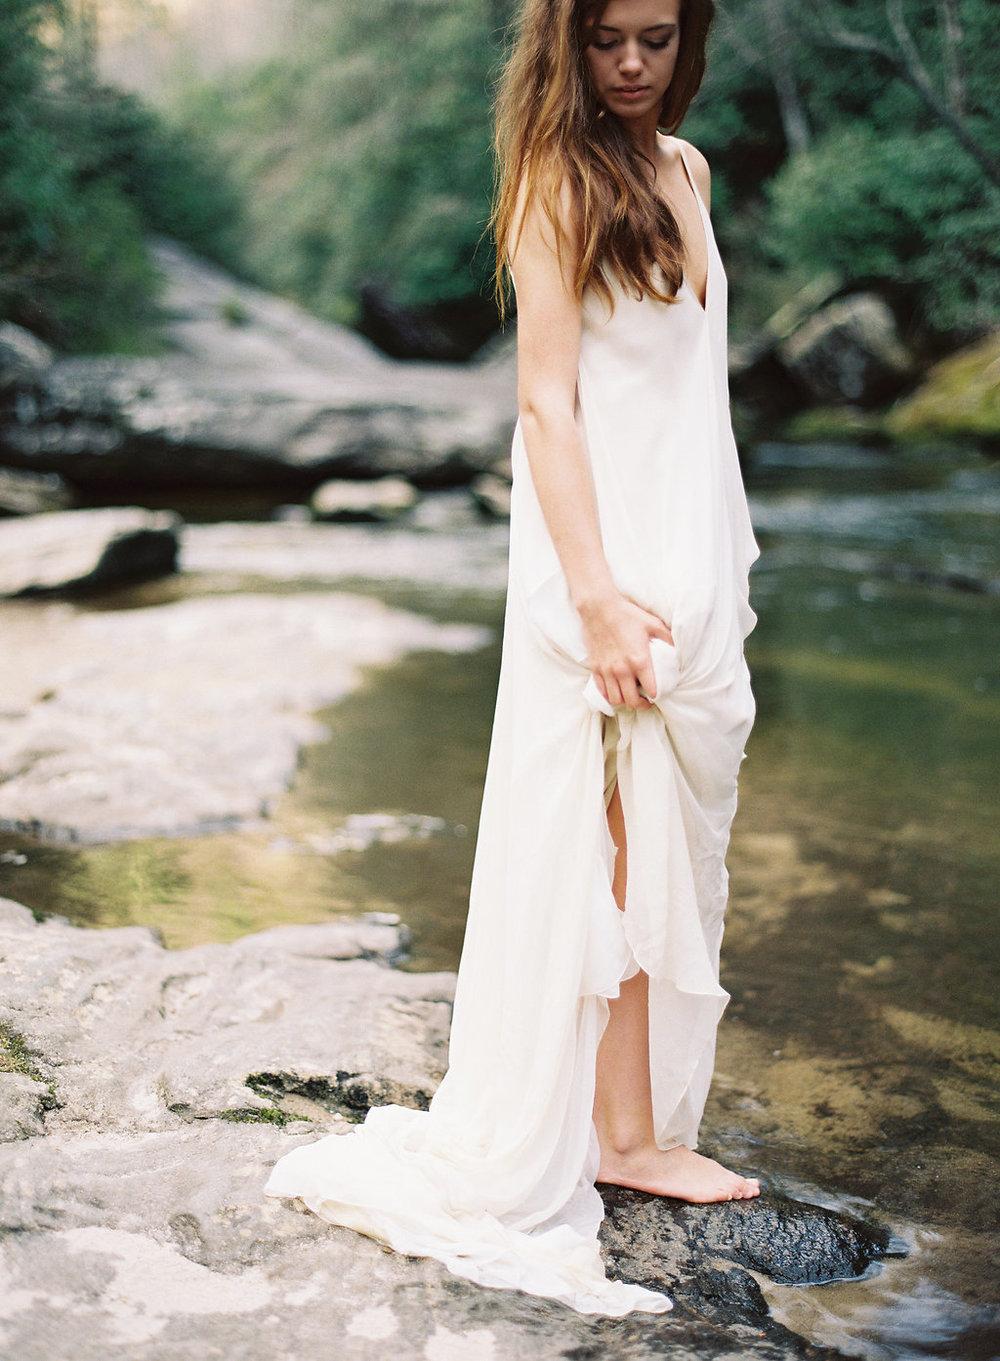 Carol Hannah Celestine Highlands River0188.jpg